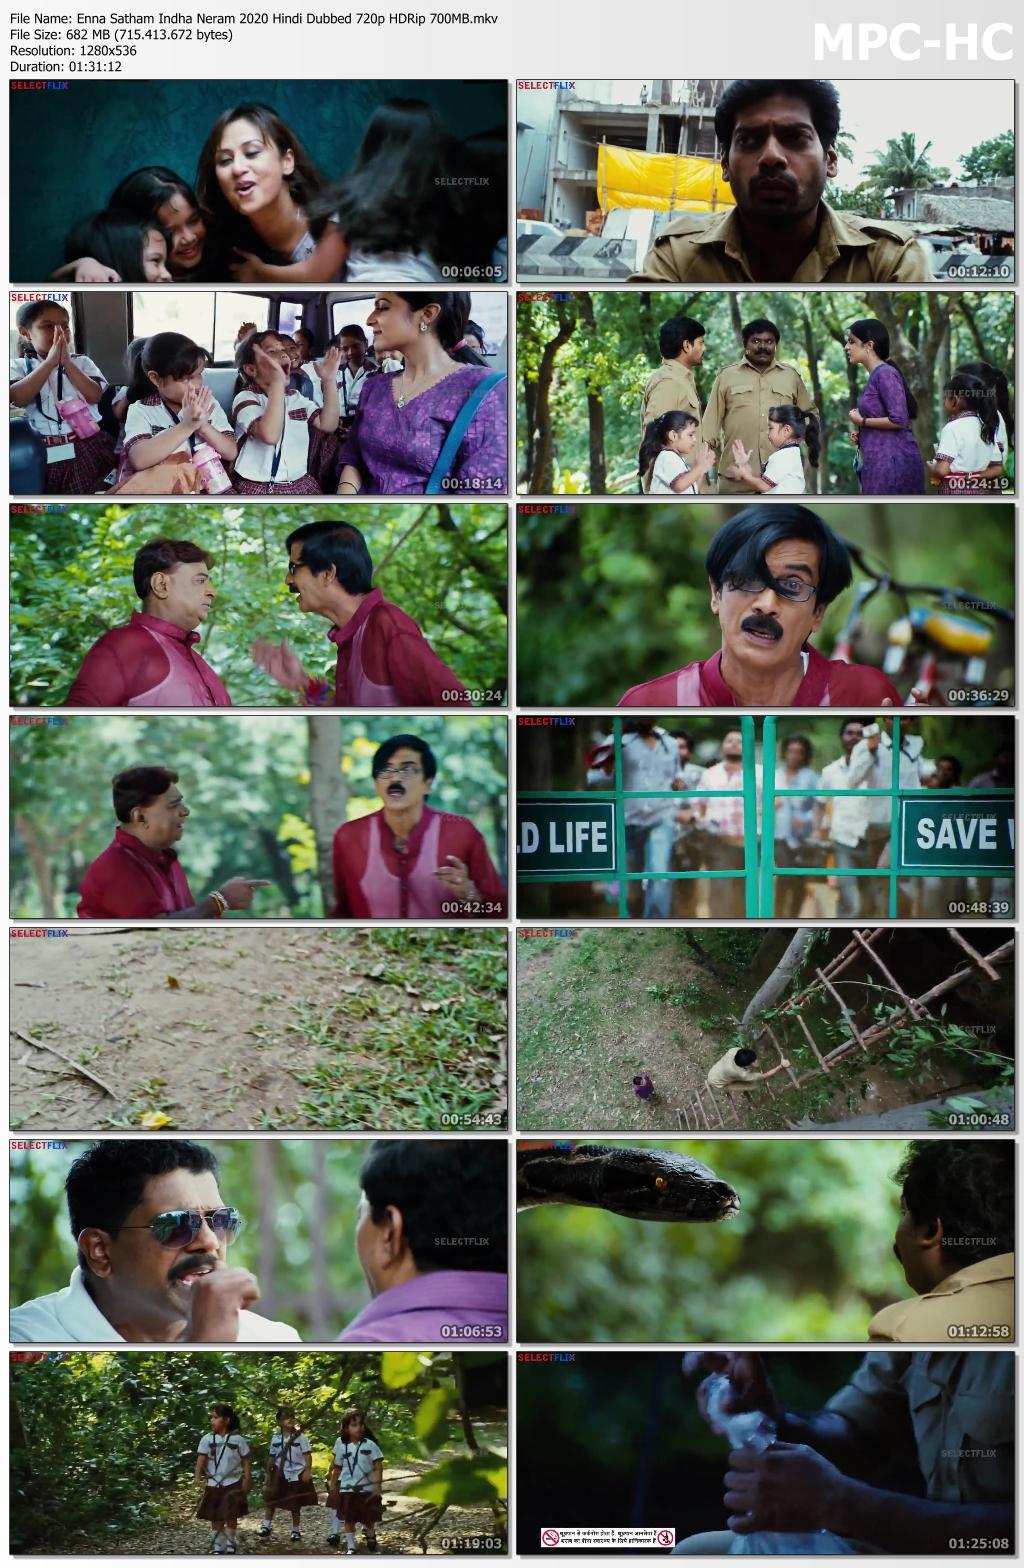 Enna-Satham-Indha-Neram-2020-Hindi-Dubbed-720p-HDRip-700-MB-mkv-thumbs